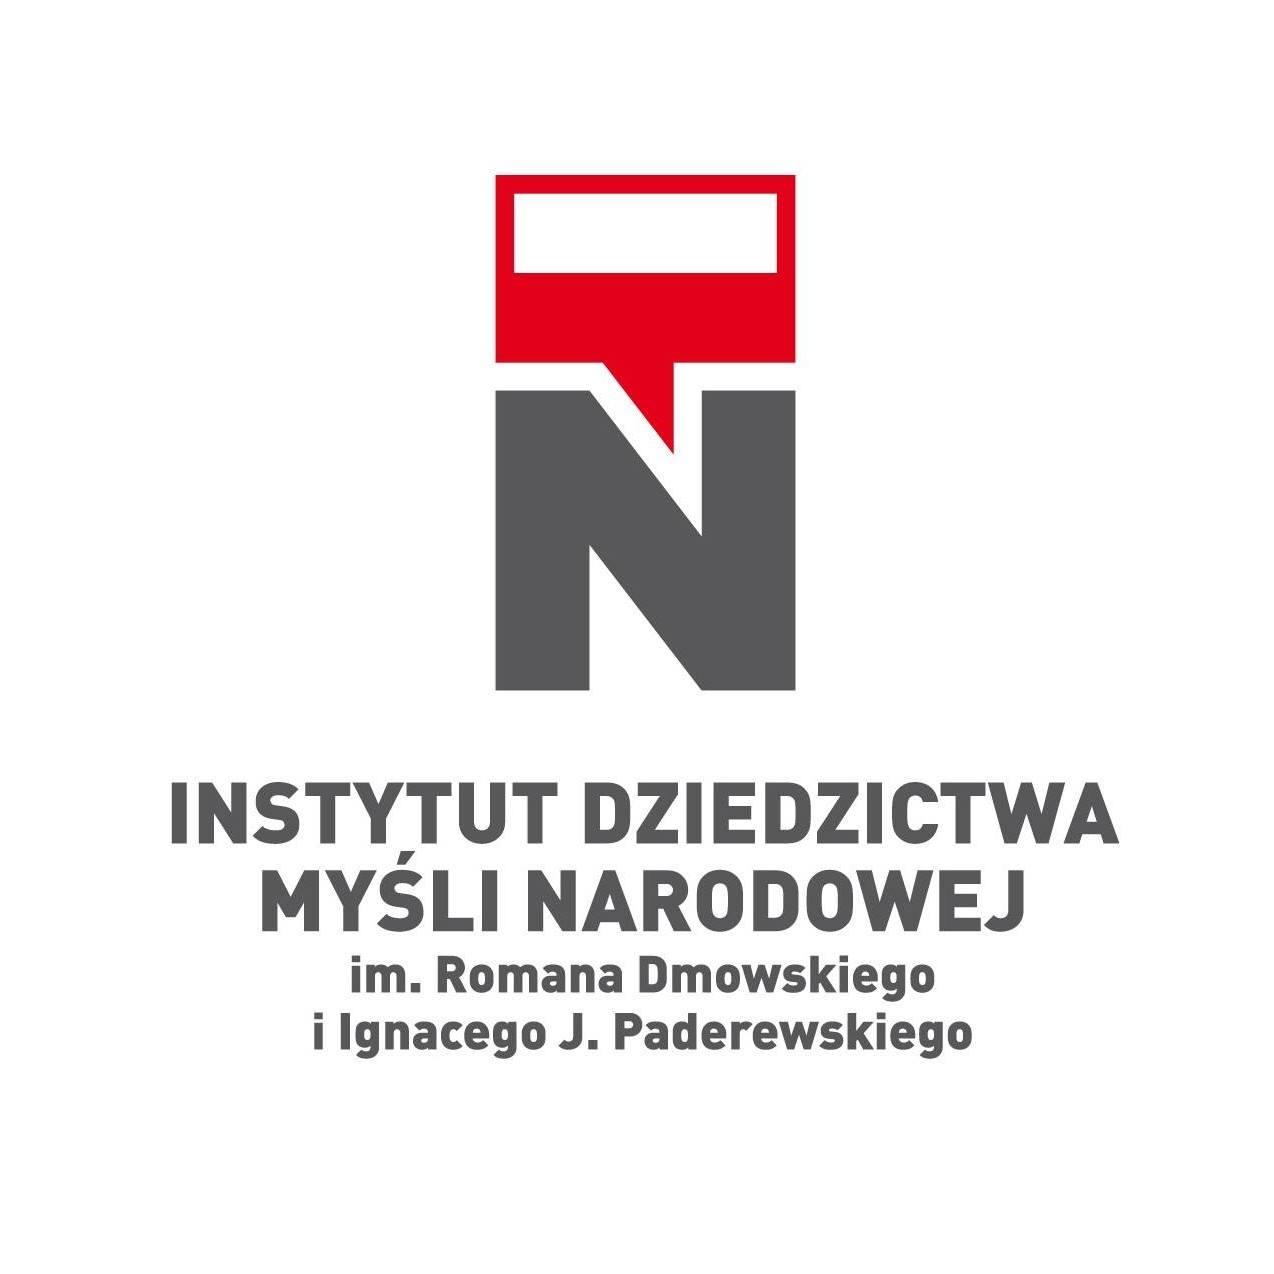 Instytut Dziedzictwa Myśli Narodowej im. Romana Dmowskiego i Ignacego Jana Paderewskiego